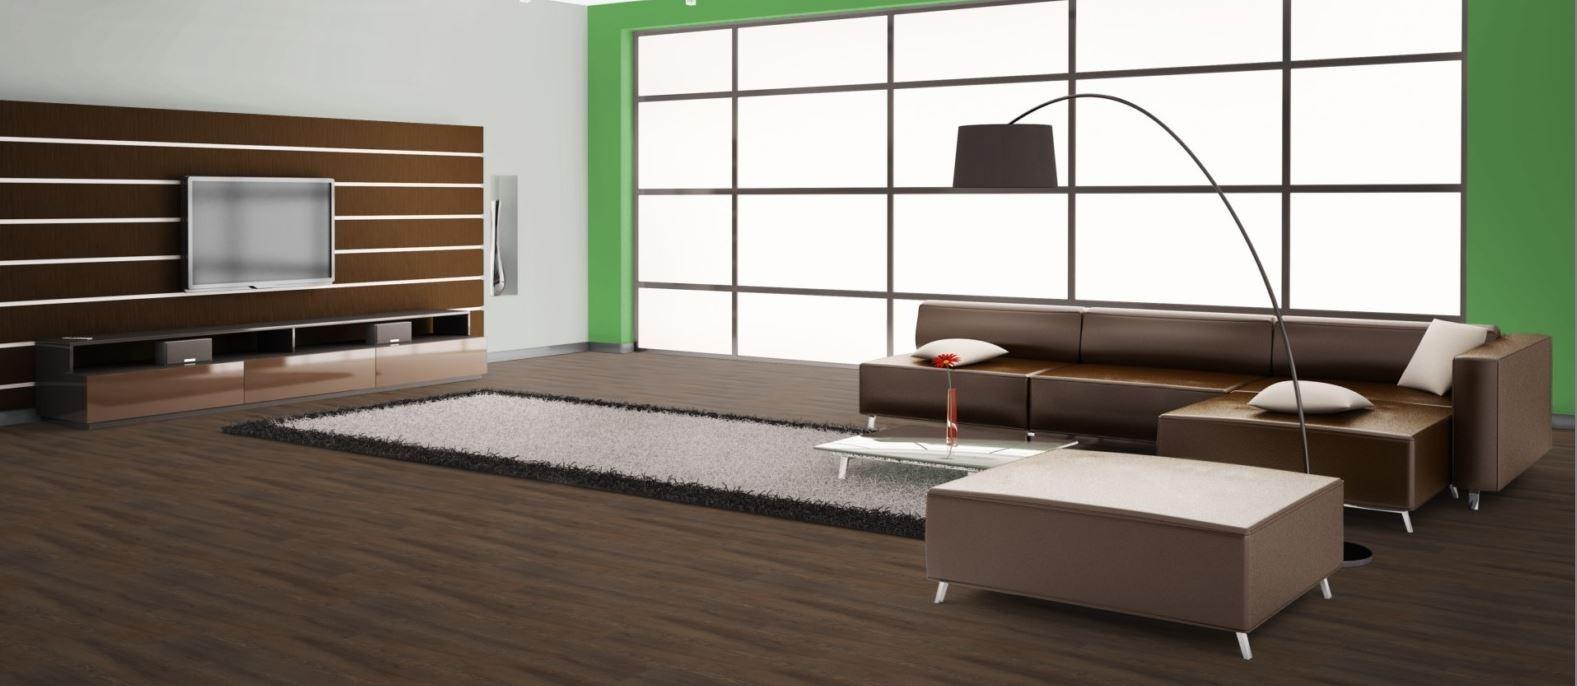 Laminat Gnstig. Laminat Ikea Gro Fubden Gnstig Online Kaufen Haus